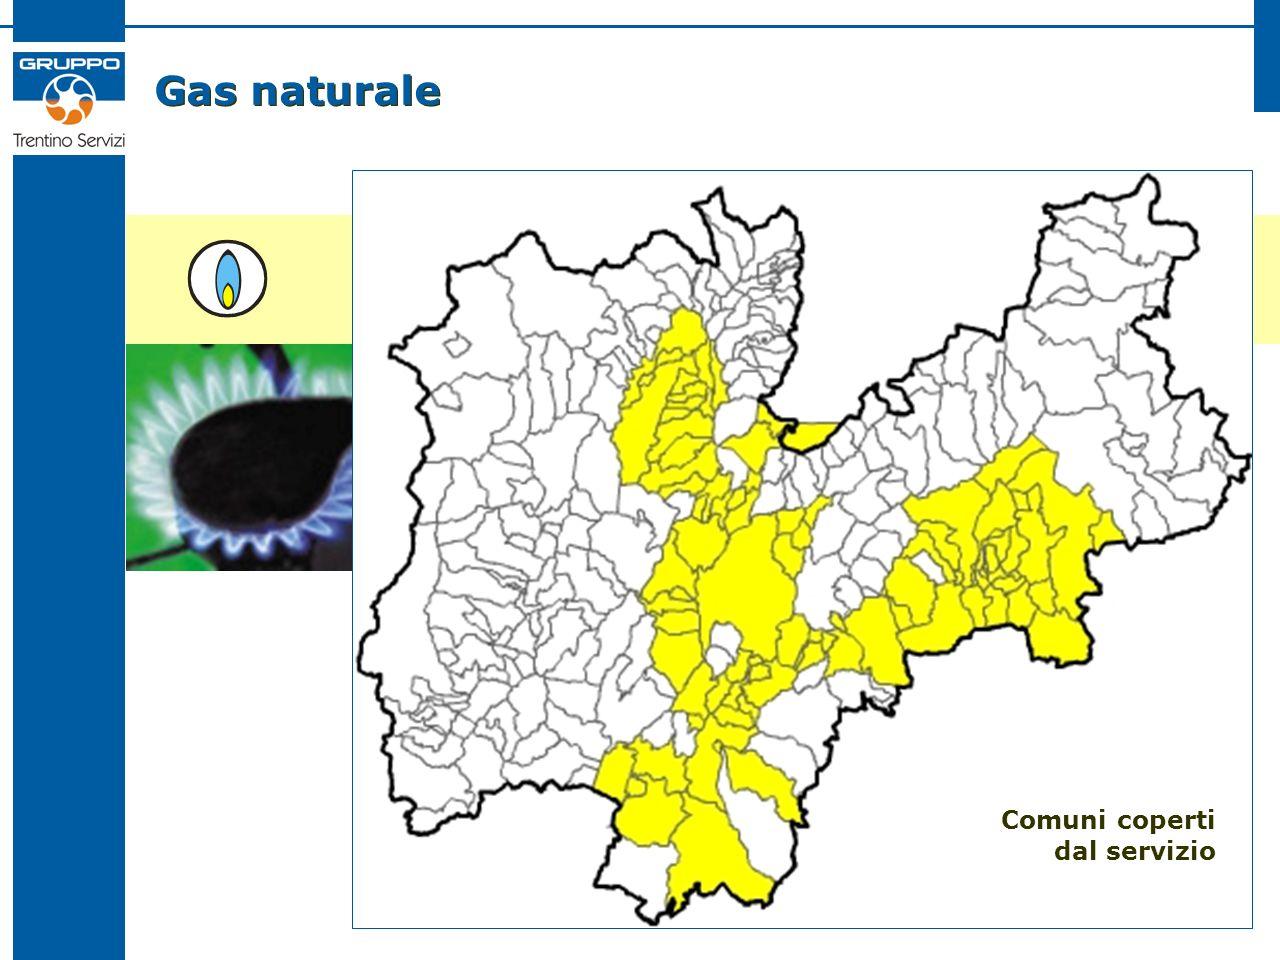 Gas naturale Comuni coperti dal servizio